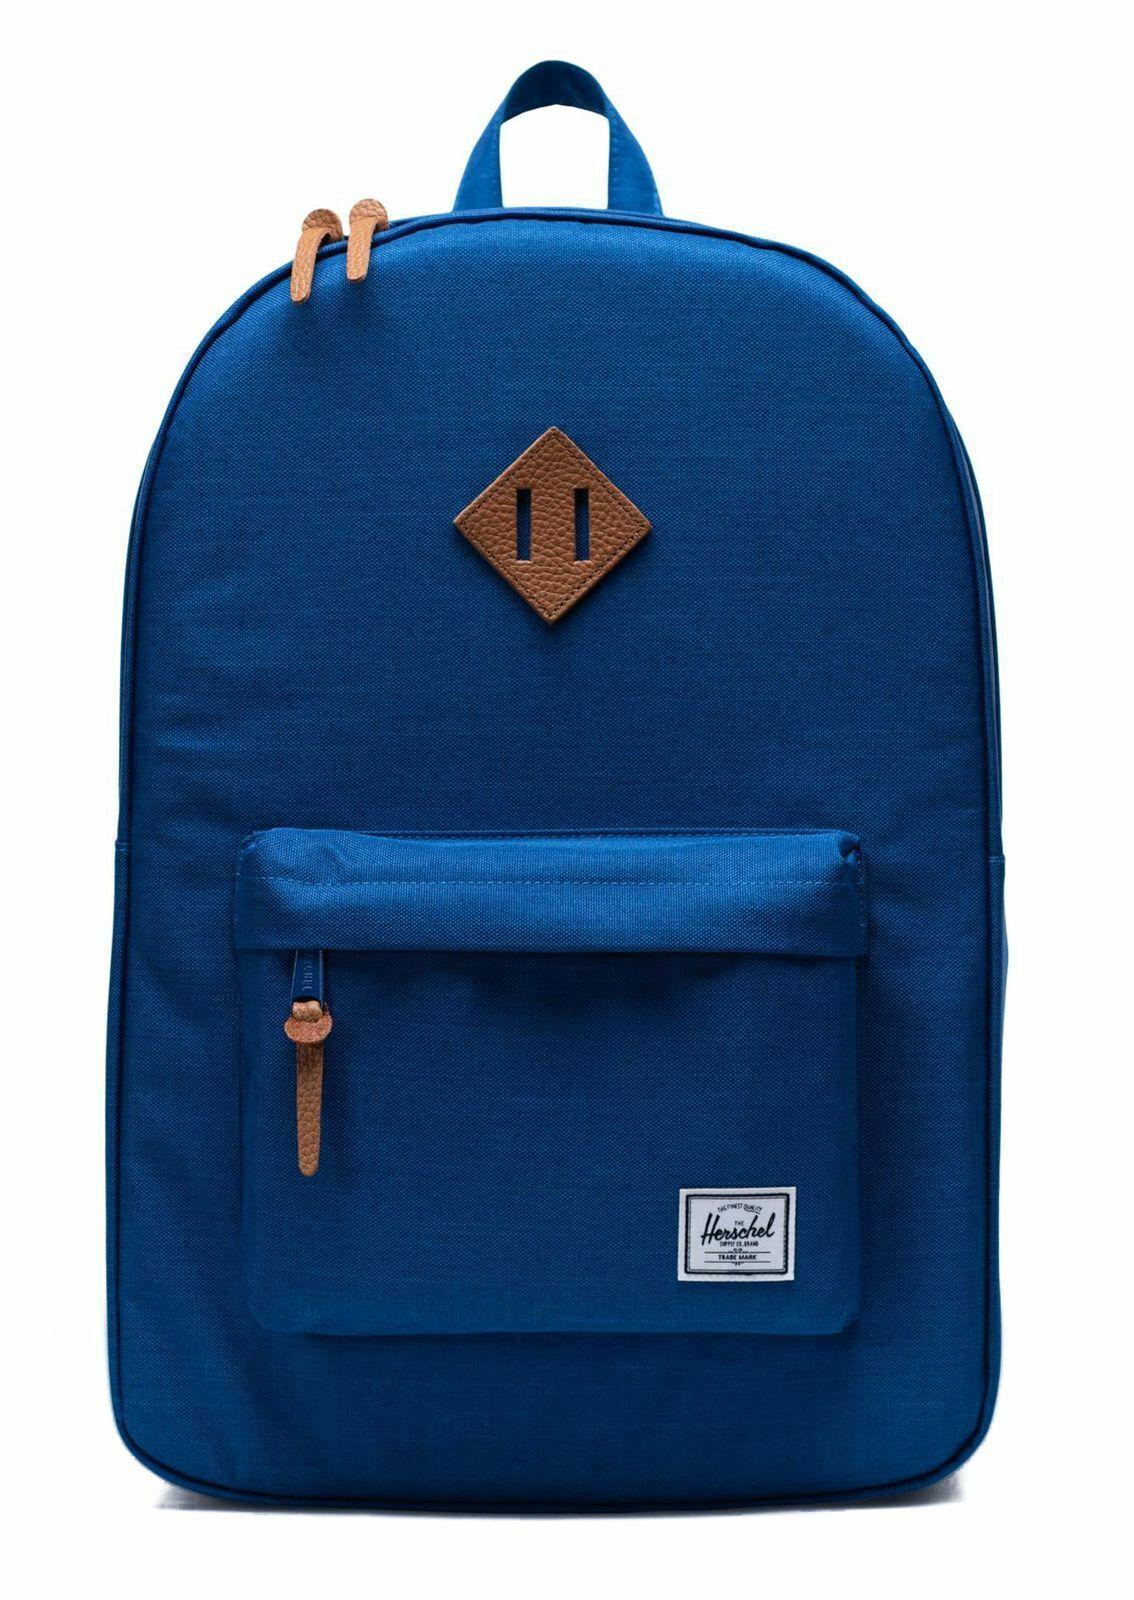 Herschel Heritage Backpack Monaco blu Crosshach